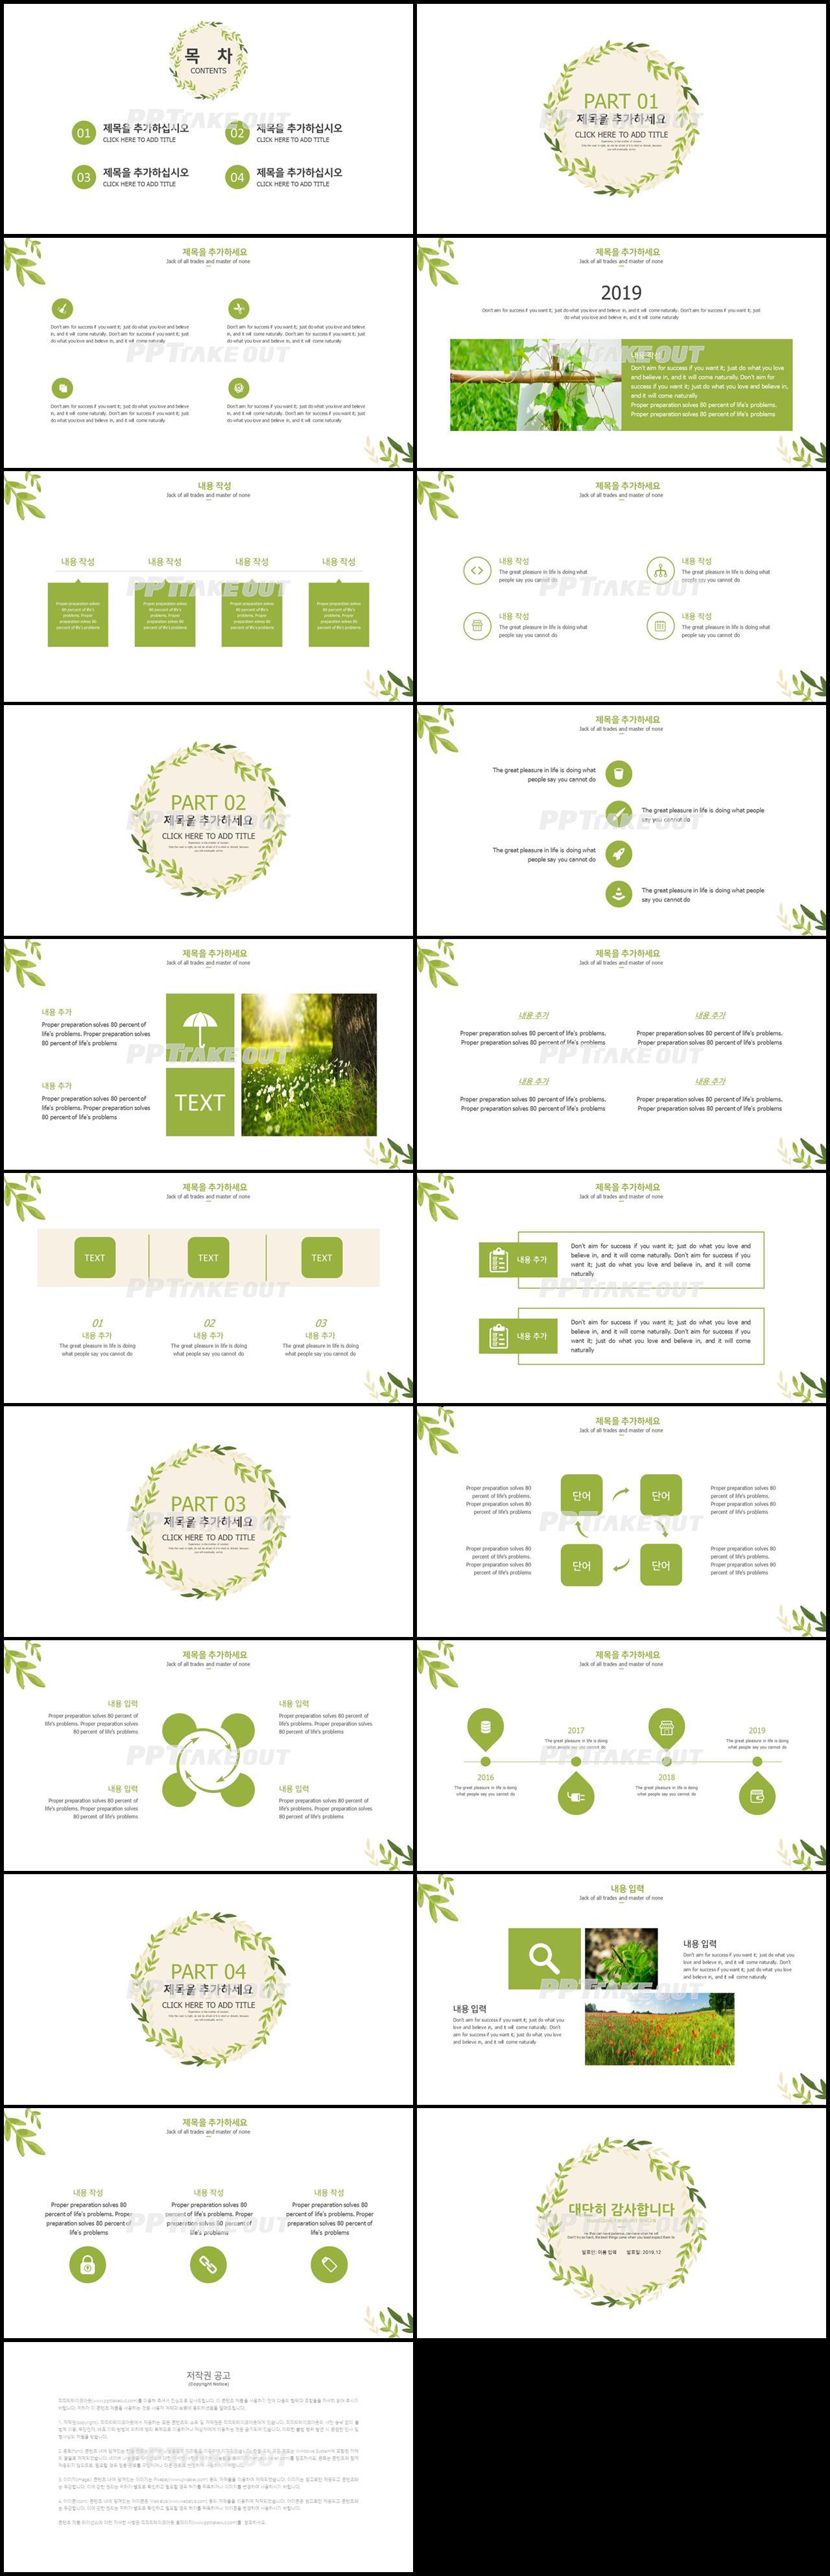 비즈니스 초록색 수채화 멋진 PPT양식 다운로드 상세보기